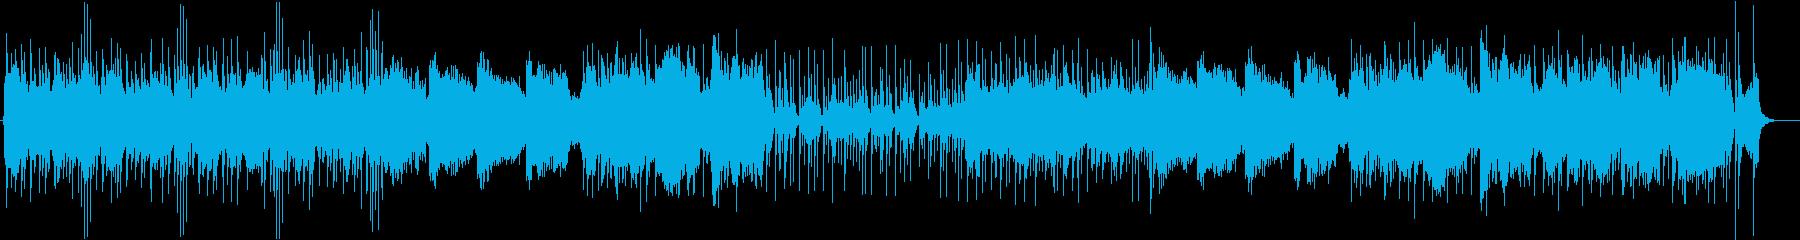 三味線と尺八のクールな和風曲・リズム抜きの再生済みの波形